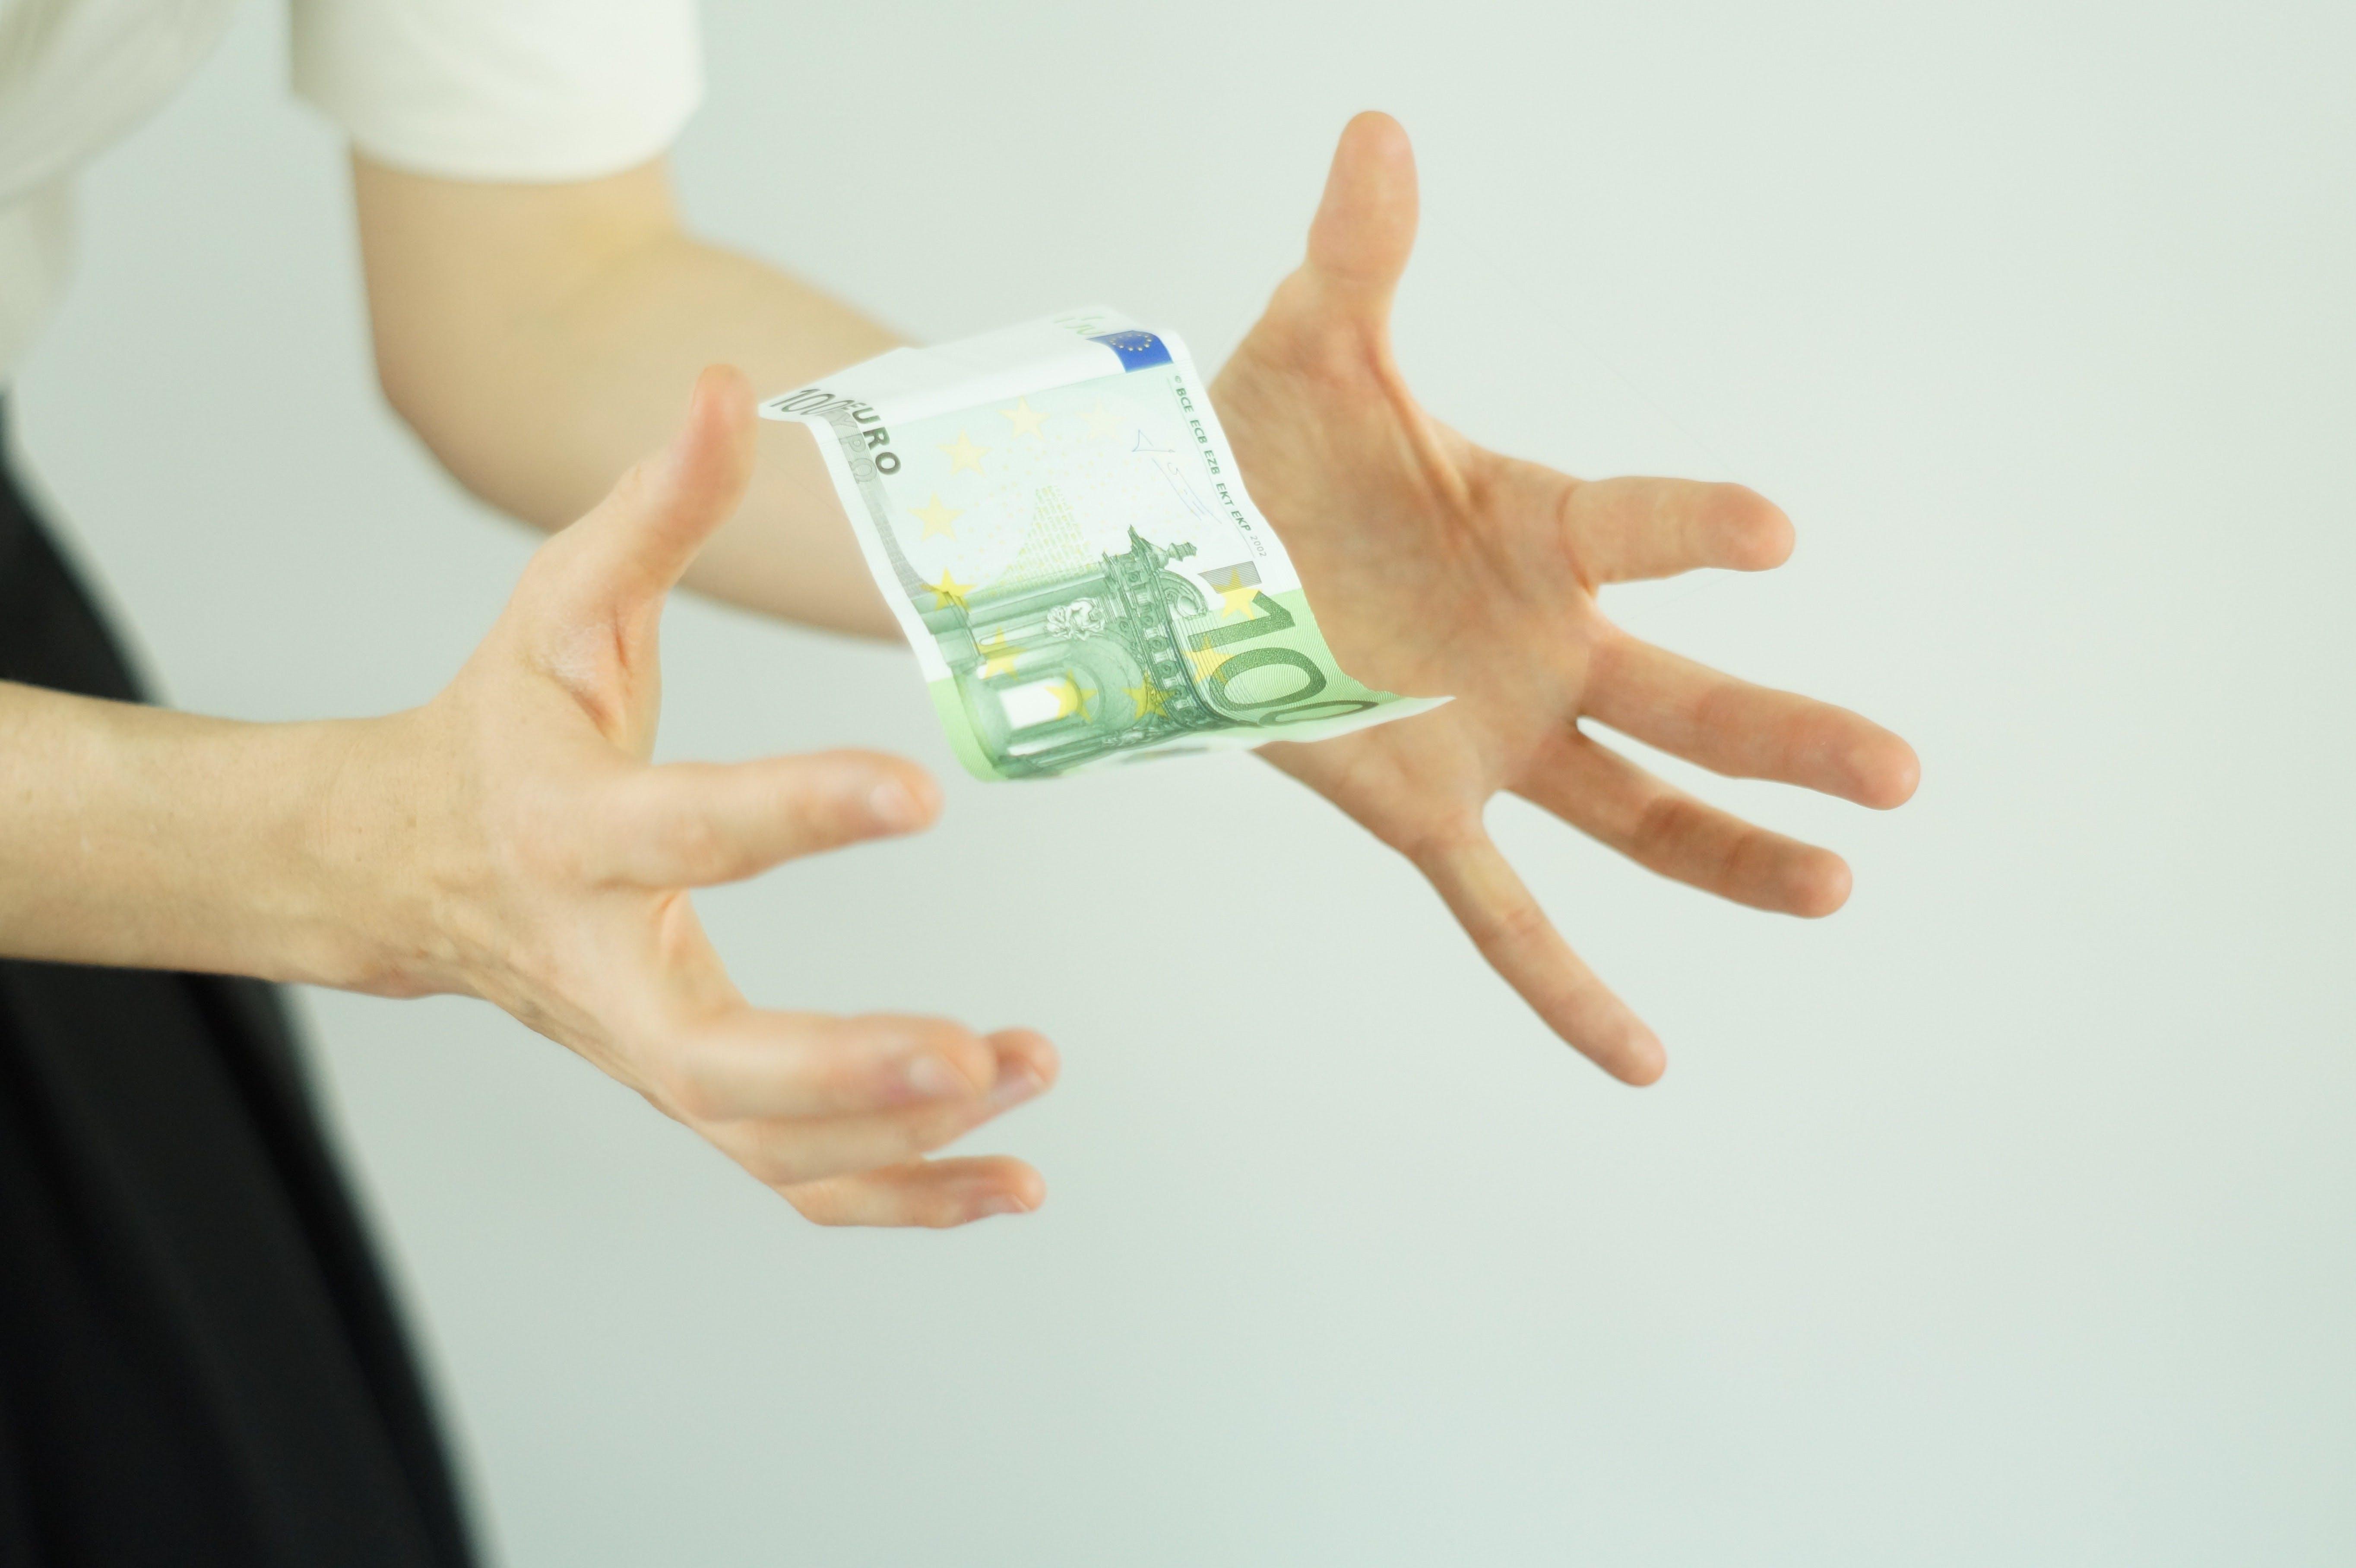 Titelbild-Finger-Hände-Fokus-Geld-fangen-Vergütungsmanagement-pexels-462383-Pixabay